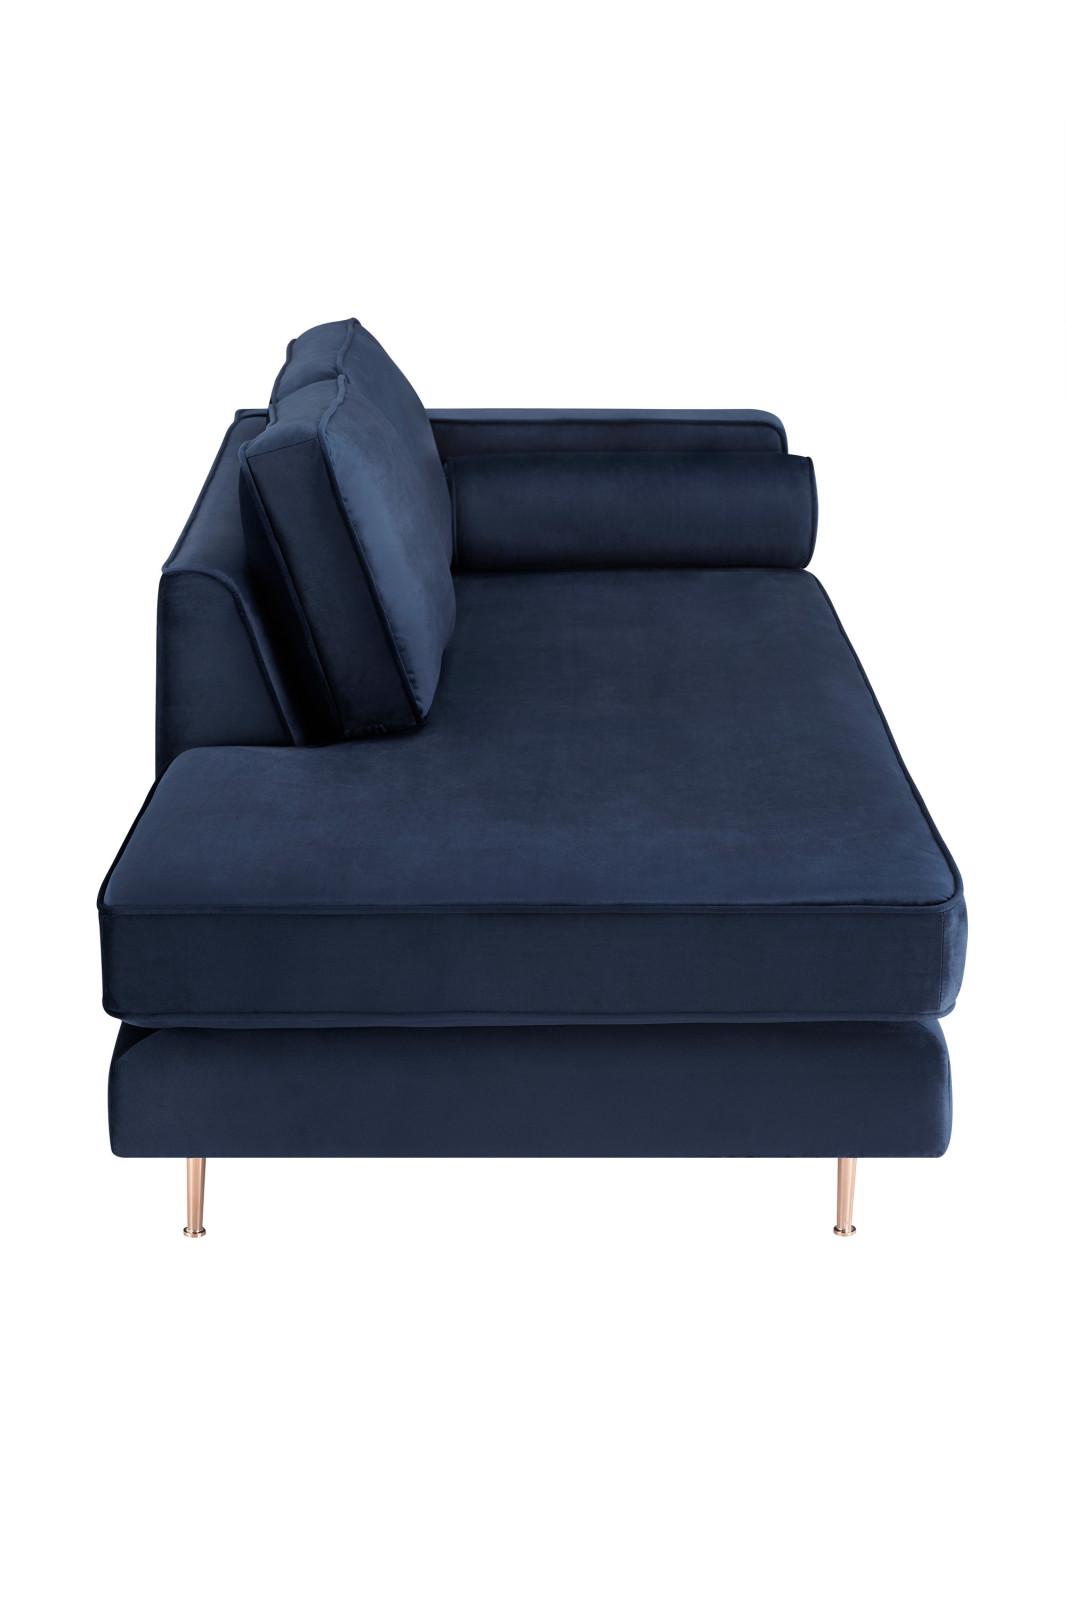 Full Size of Sofa Recamiere Mit Samt Wohnzimmer Recamiere Samt